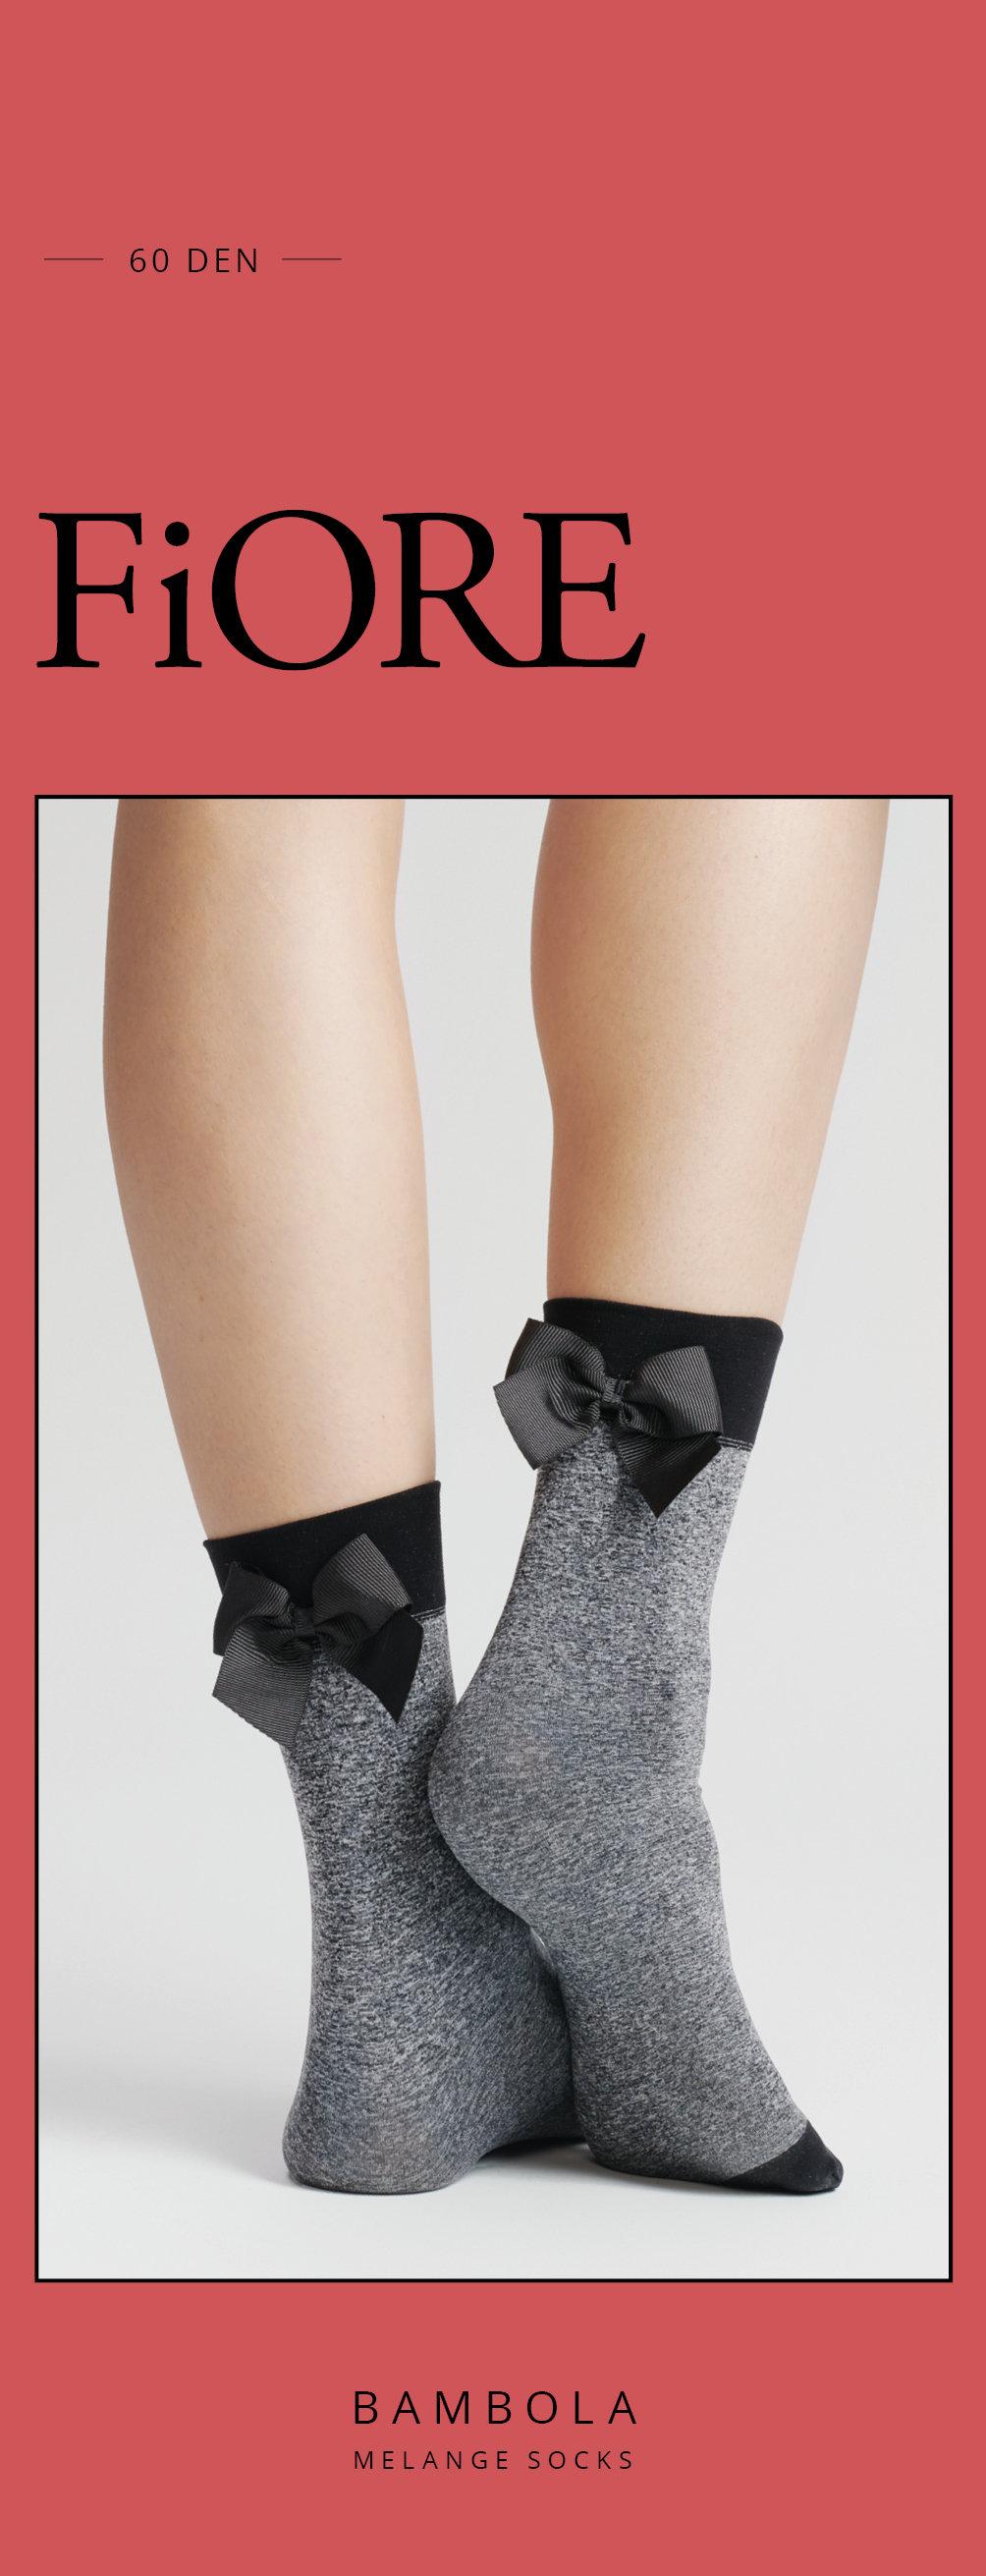 Fiore: Little Black Satin Bow 3D Melange Socks